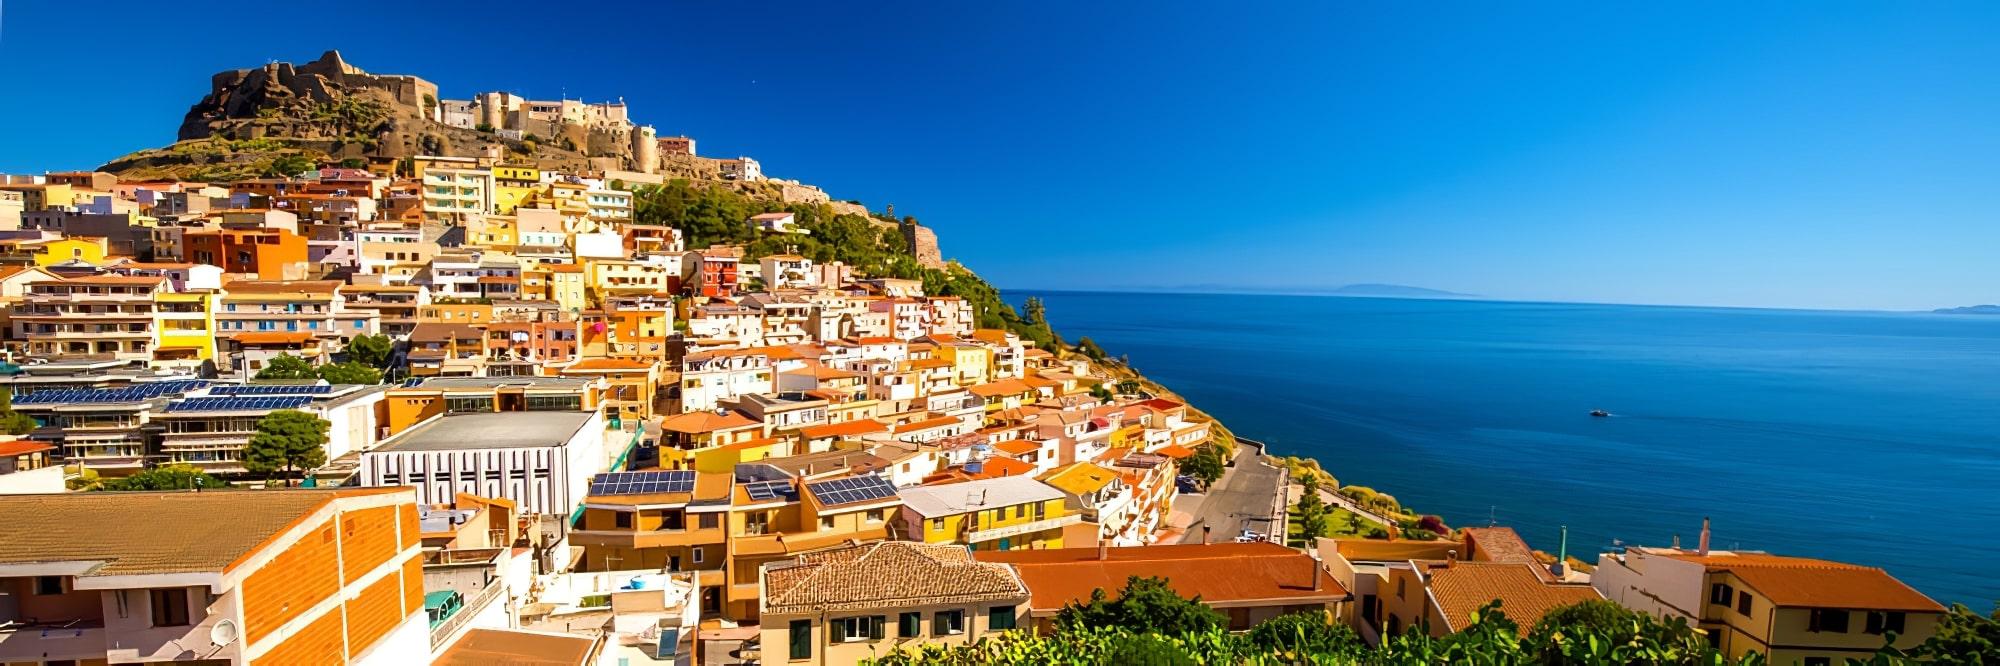 Les plus beaux villages de Sardaigne